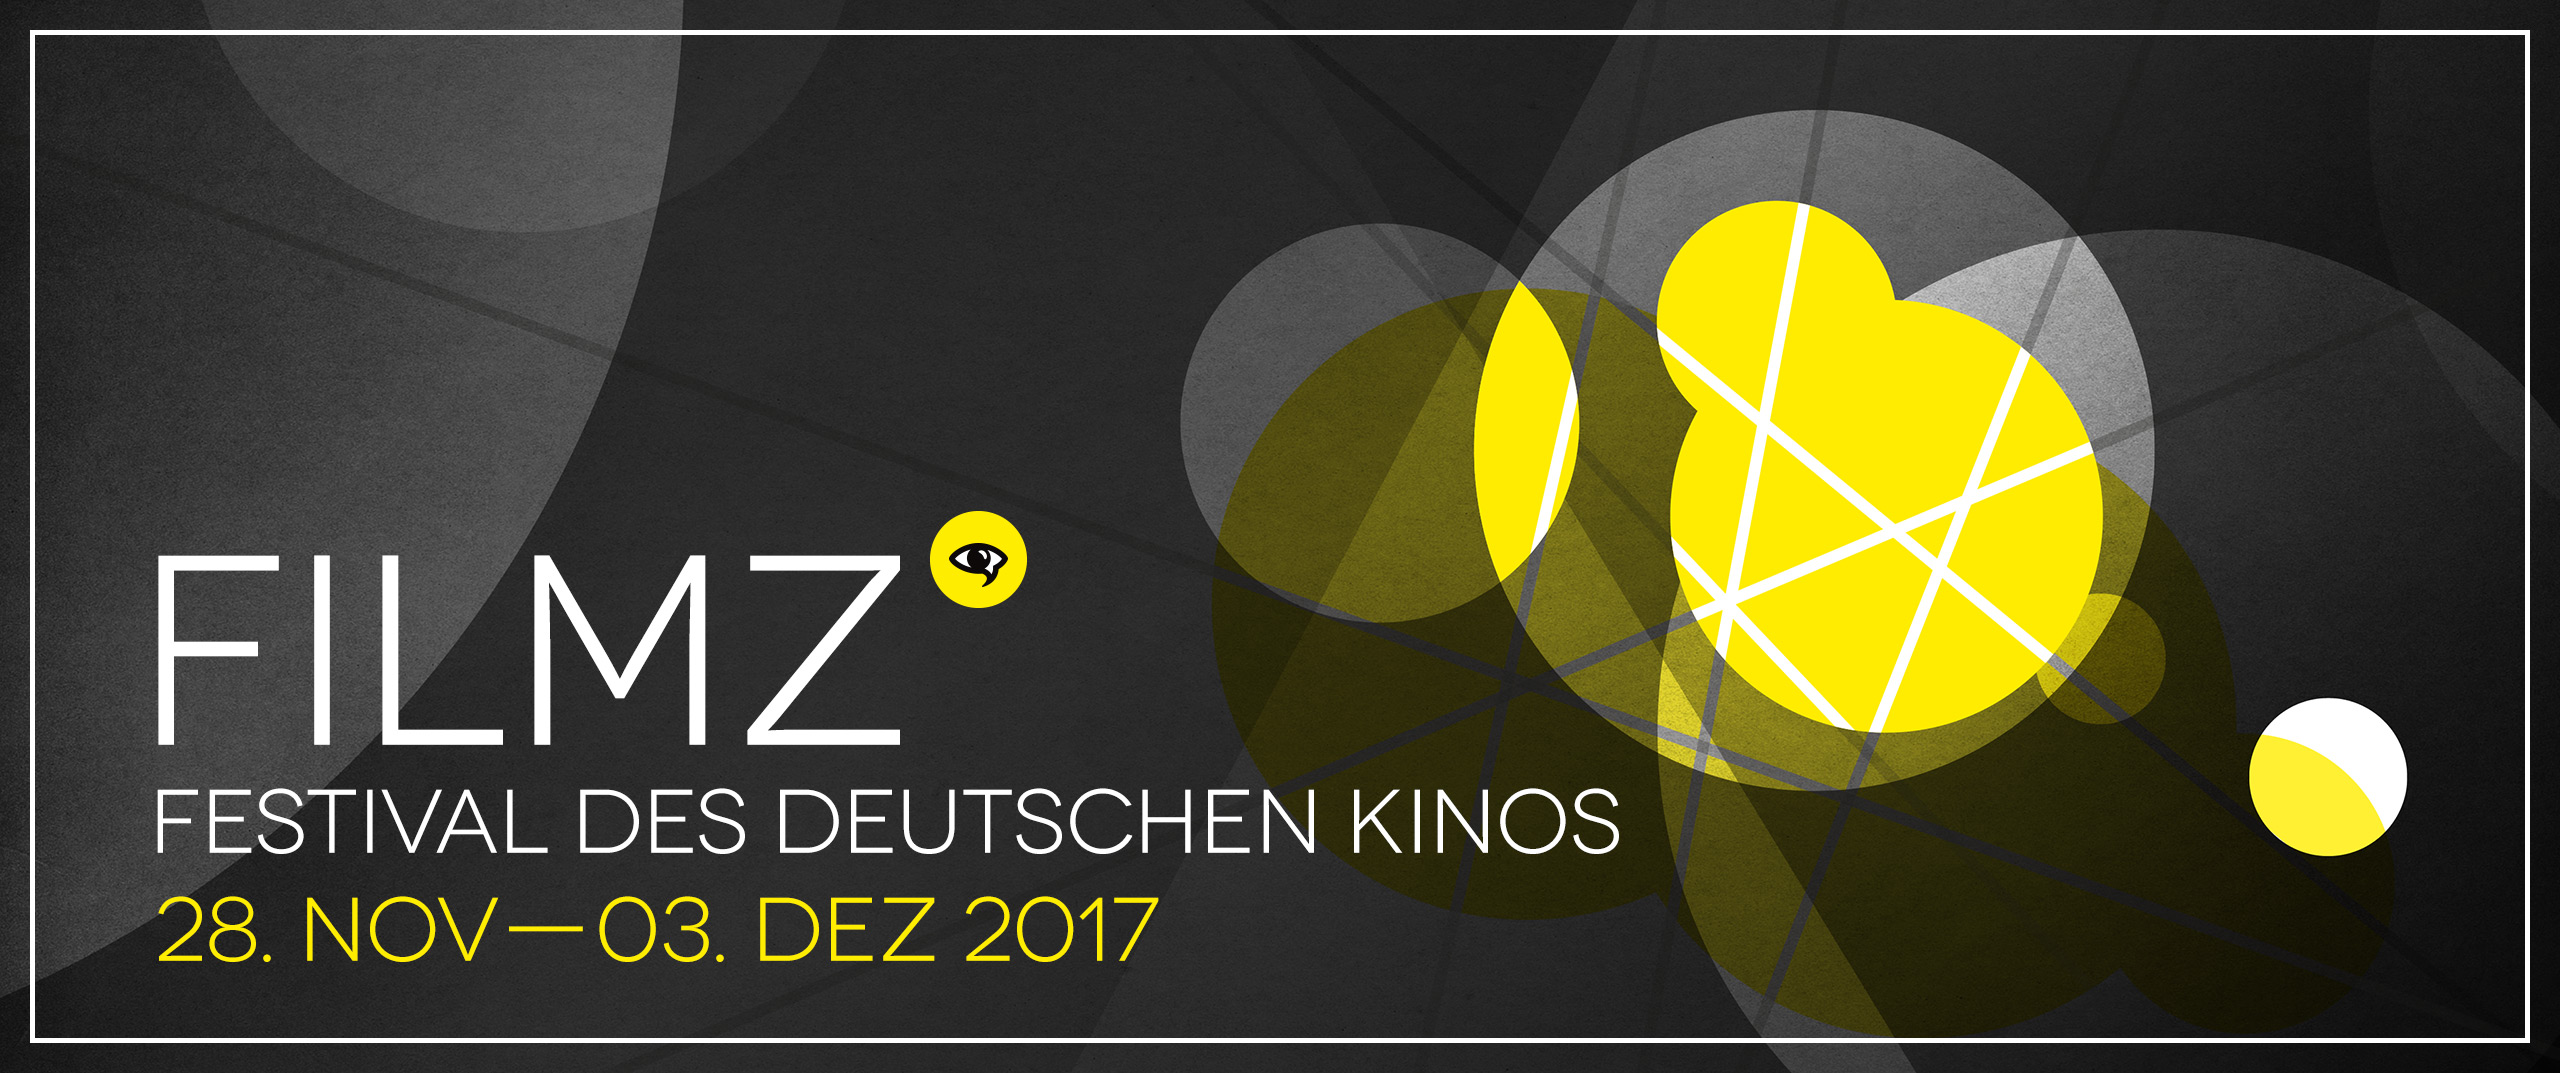 Filmz - Festival des deutschen Kinos // 28. Nov - 03. Dez 2017